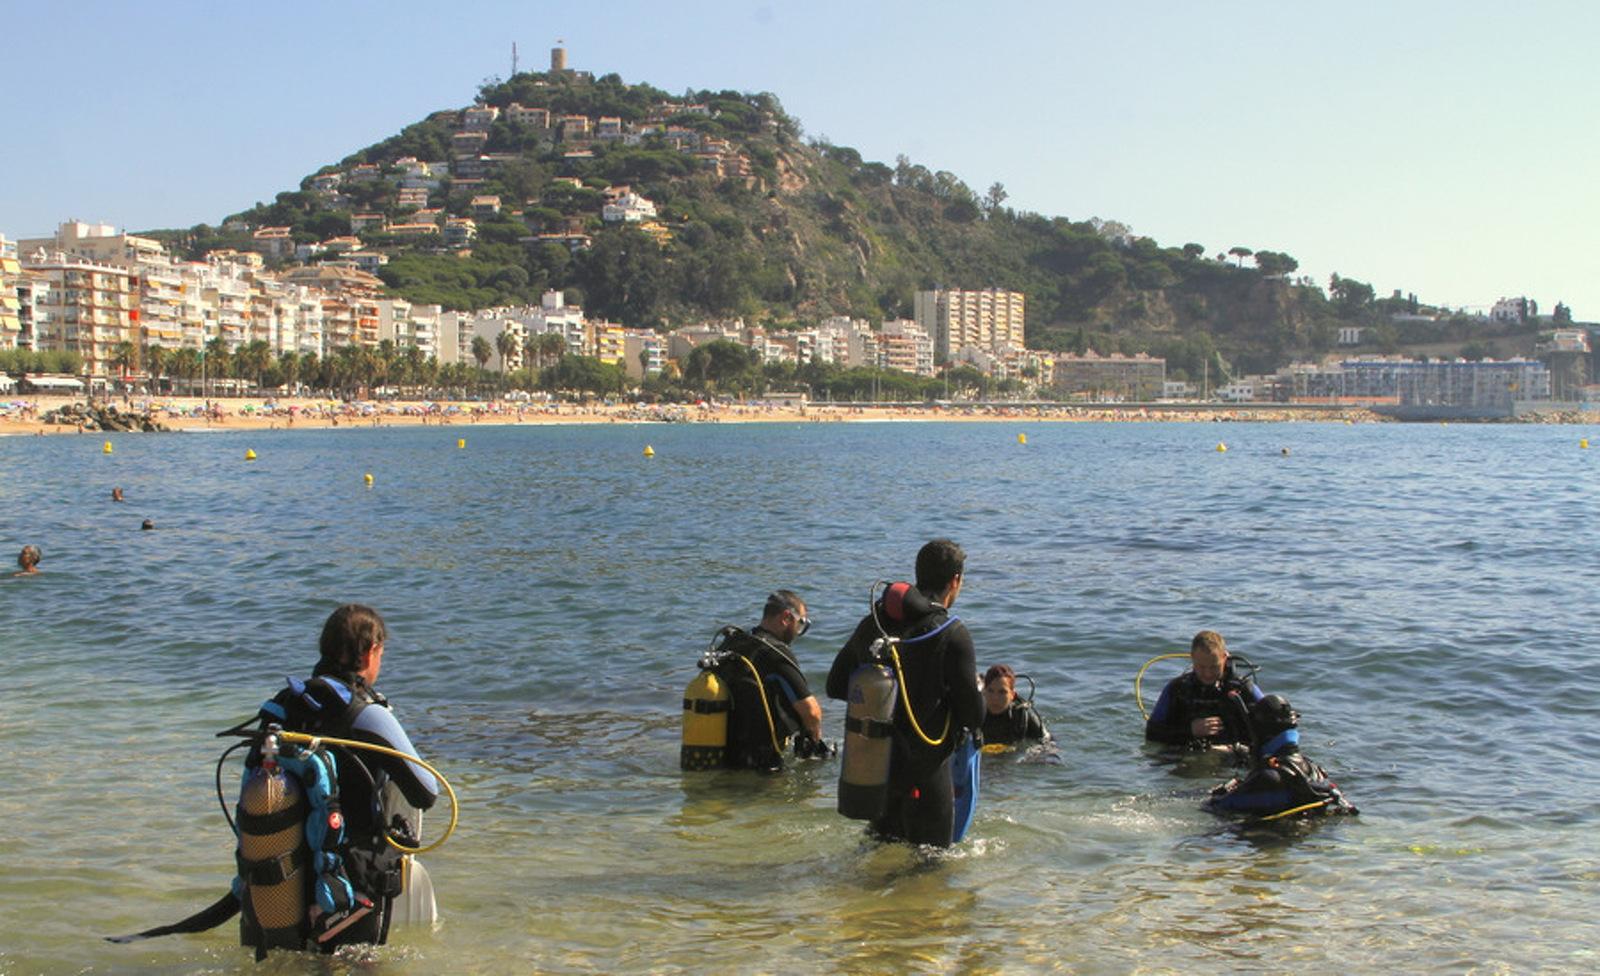 Submarinistes durant la neteja del fons marí a Blanes